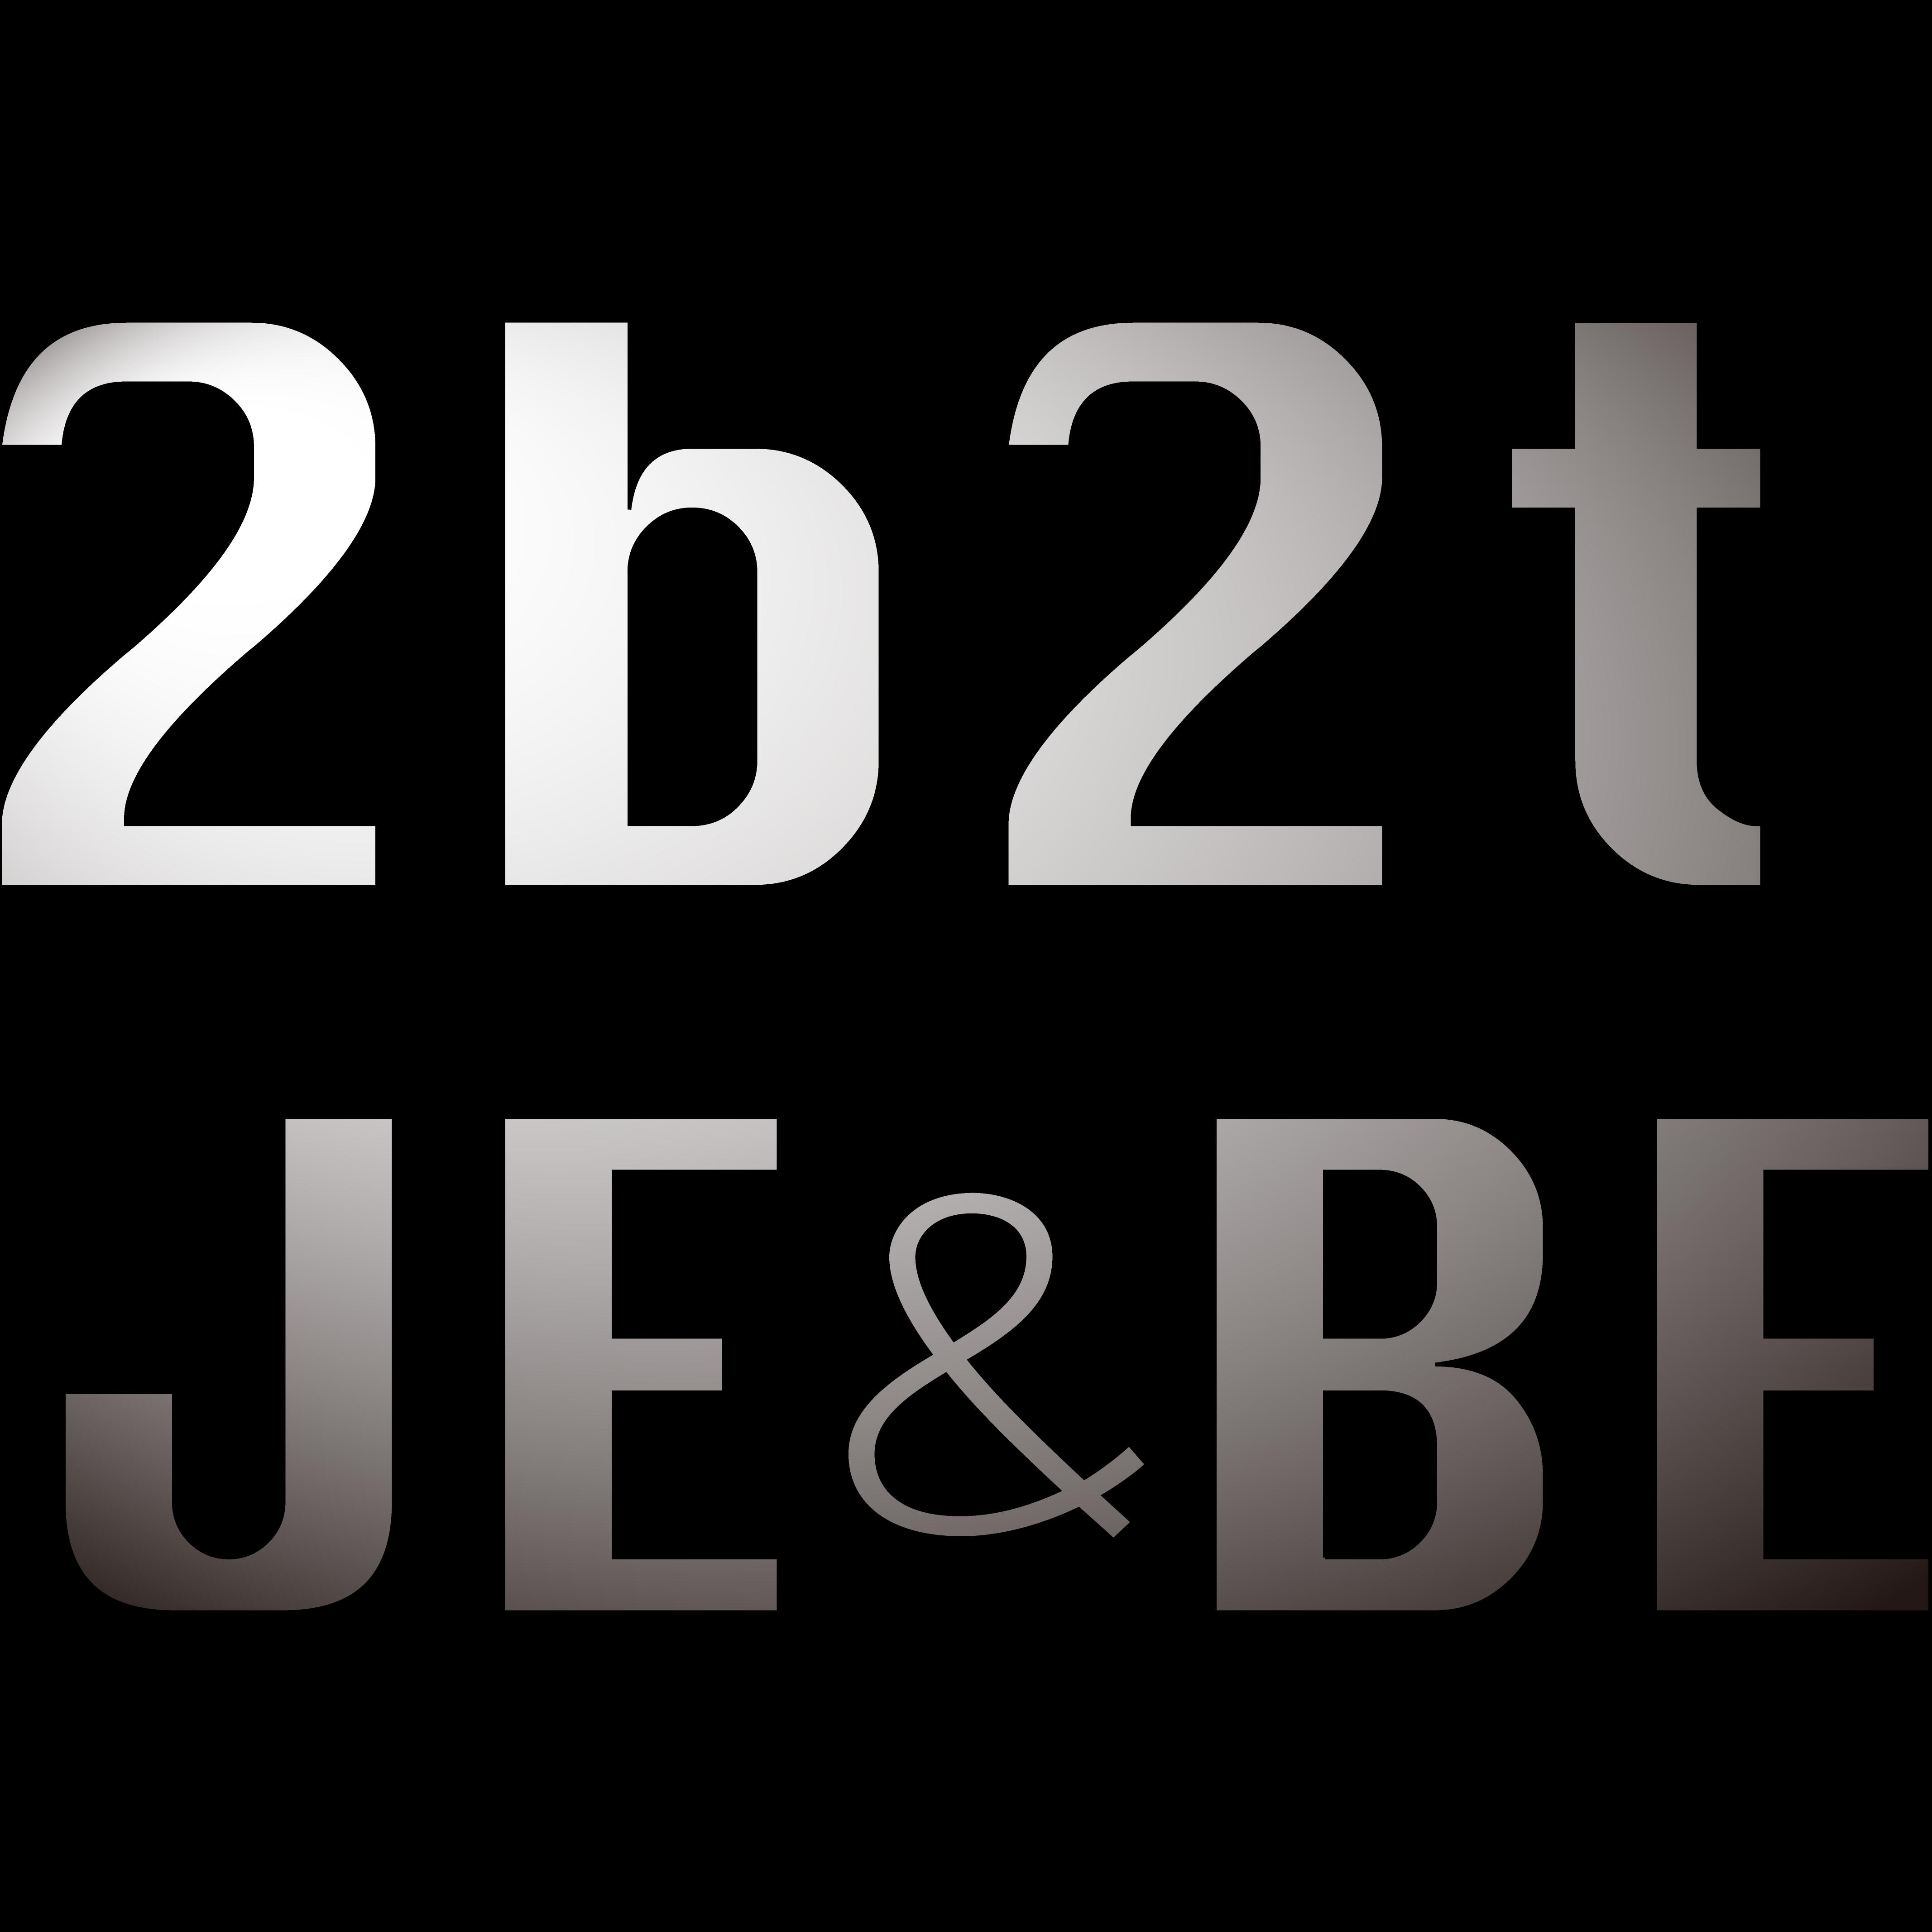 2b2tjb status